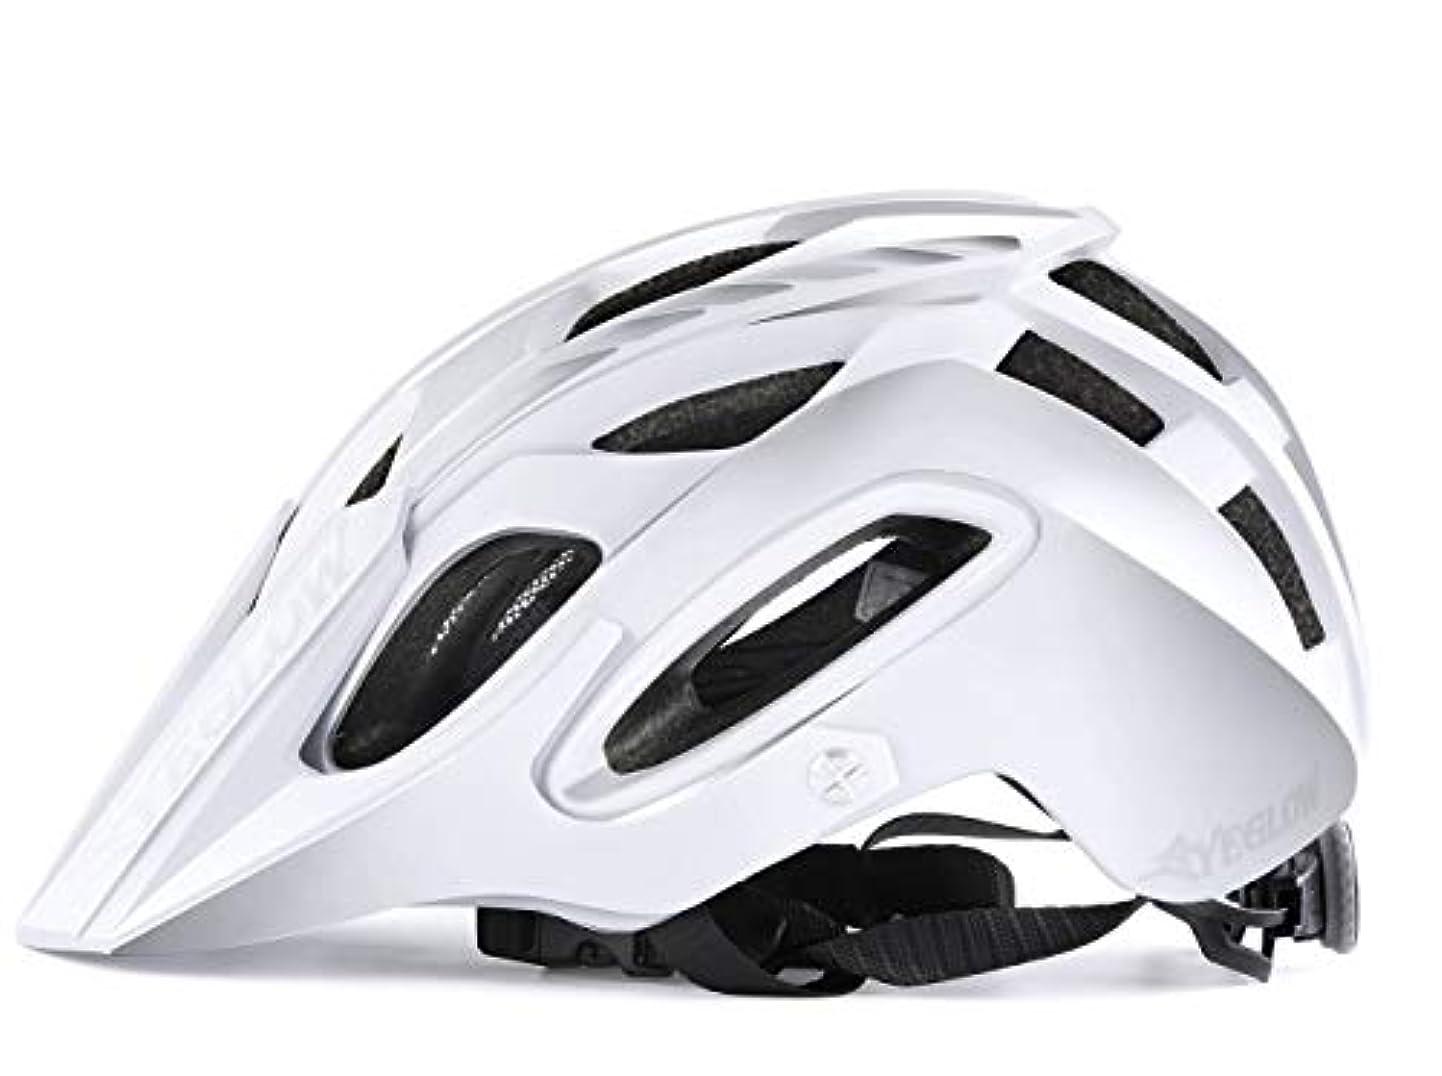 手錠受け取る消毒剤EyeGlowスタイリッシュ大人用ロードバイクヘルメットバイザープロテクター調整可能スポーツエアロサイクリングヘルメット自転車用ヘルメット(ホワイト)